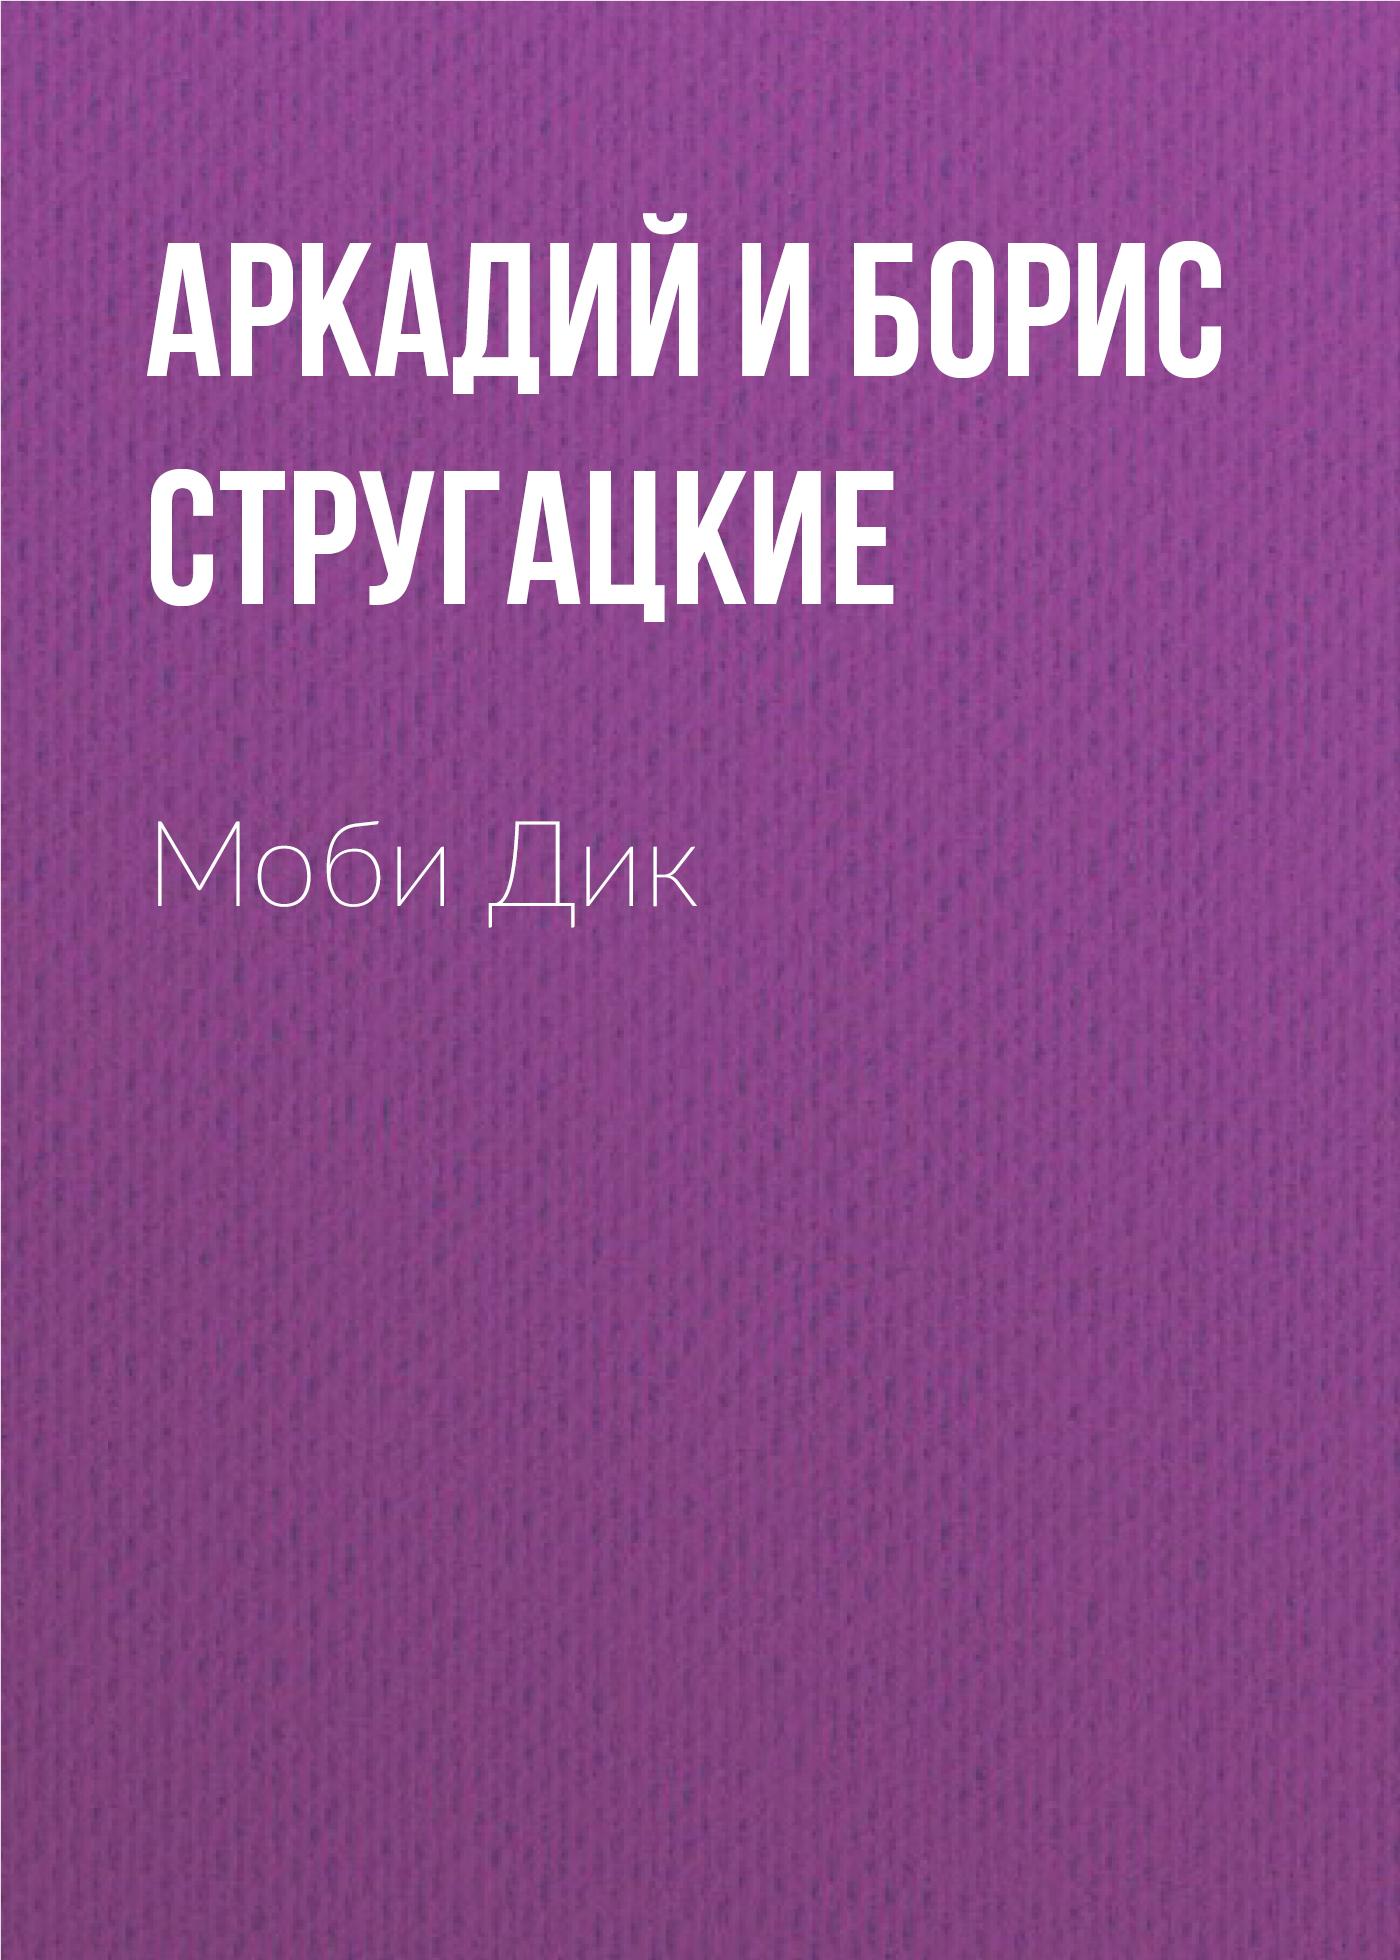 Аркадий и Борис Стругацкие Моби Дик